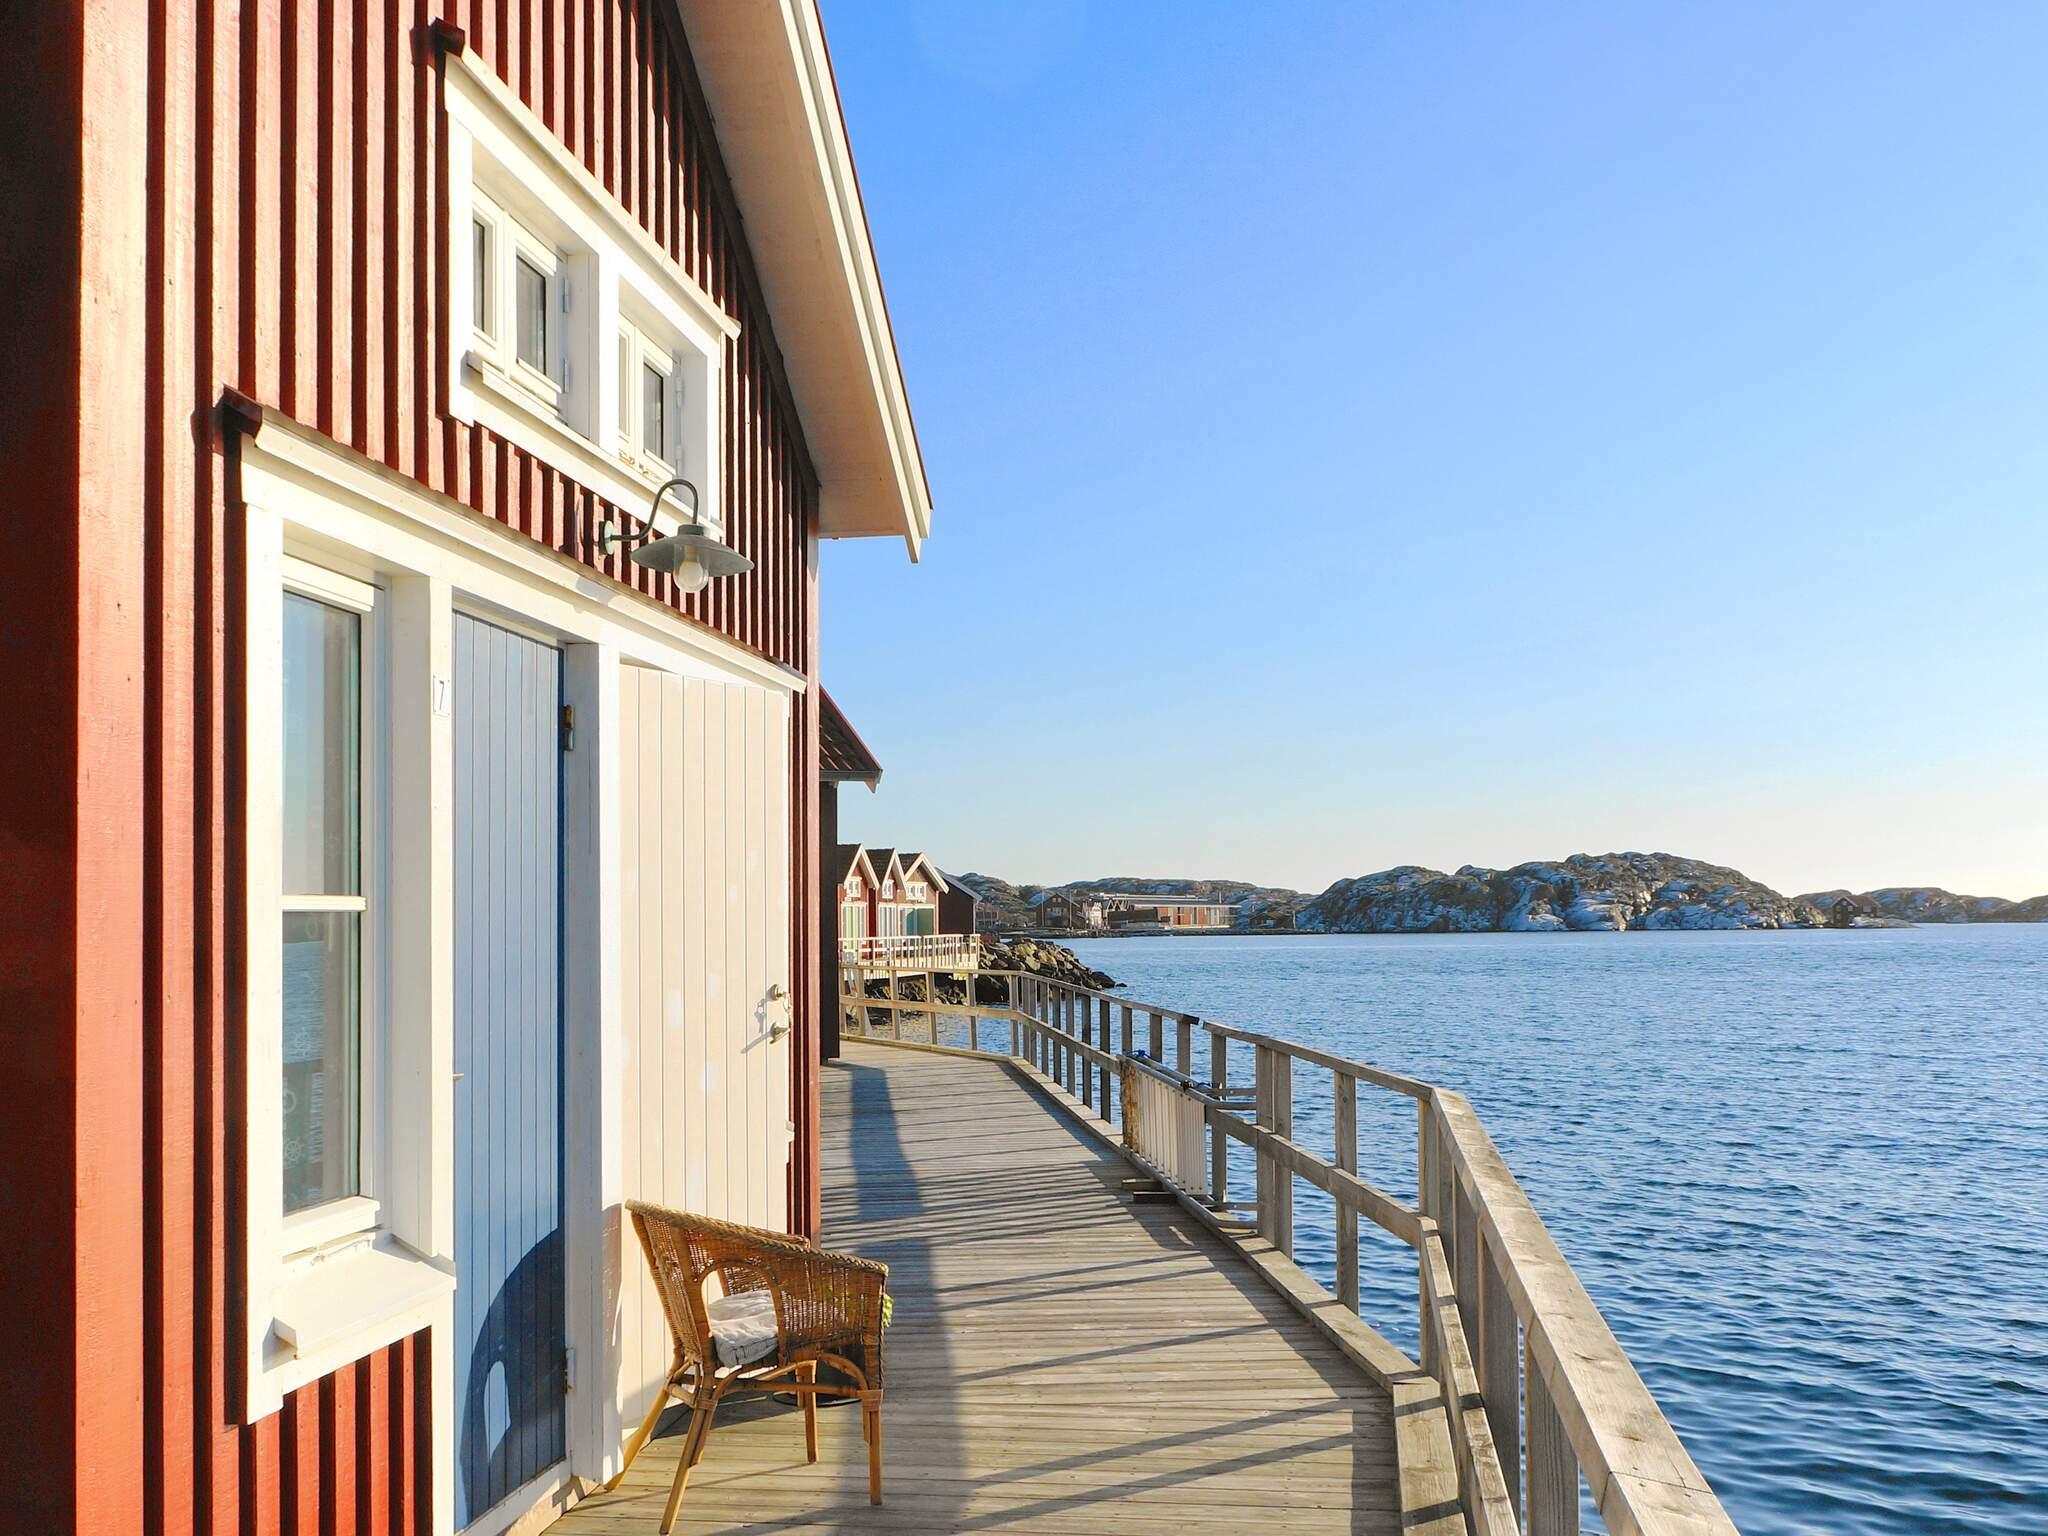 Ferienhaus Tjörn/Skärhamn (1862883), Skärhamn, Tjörn, Westschweden, Schweden, Bild 1